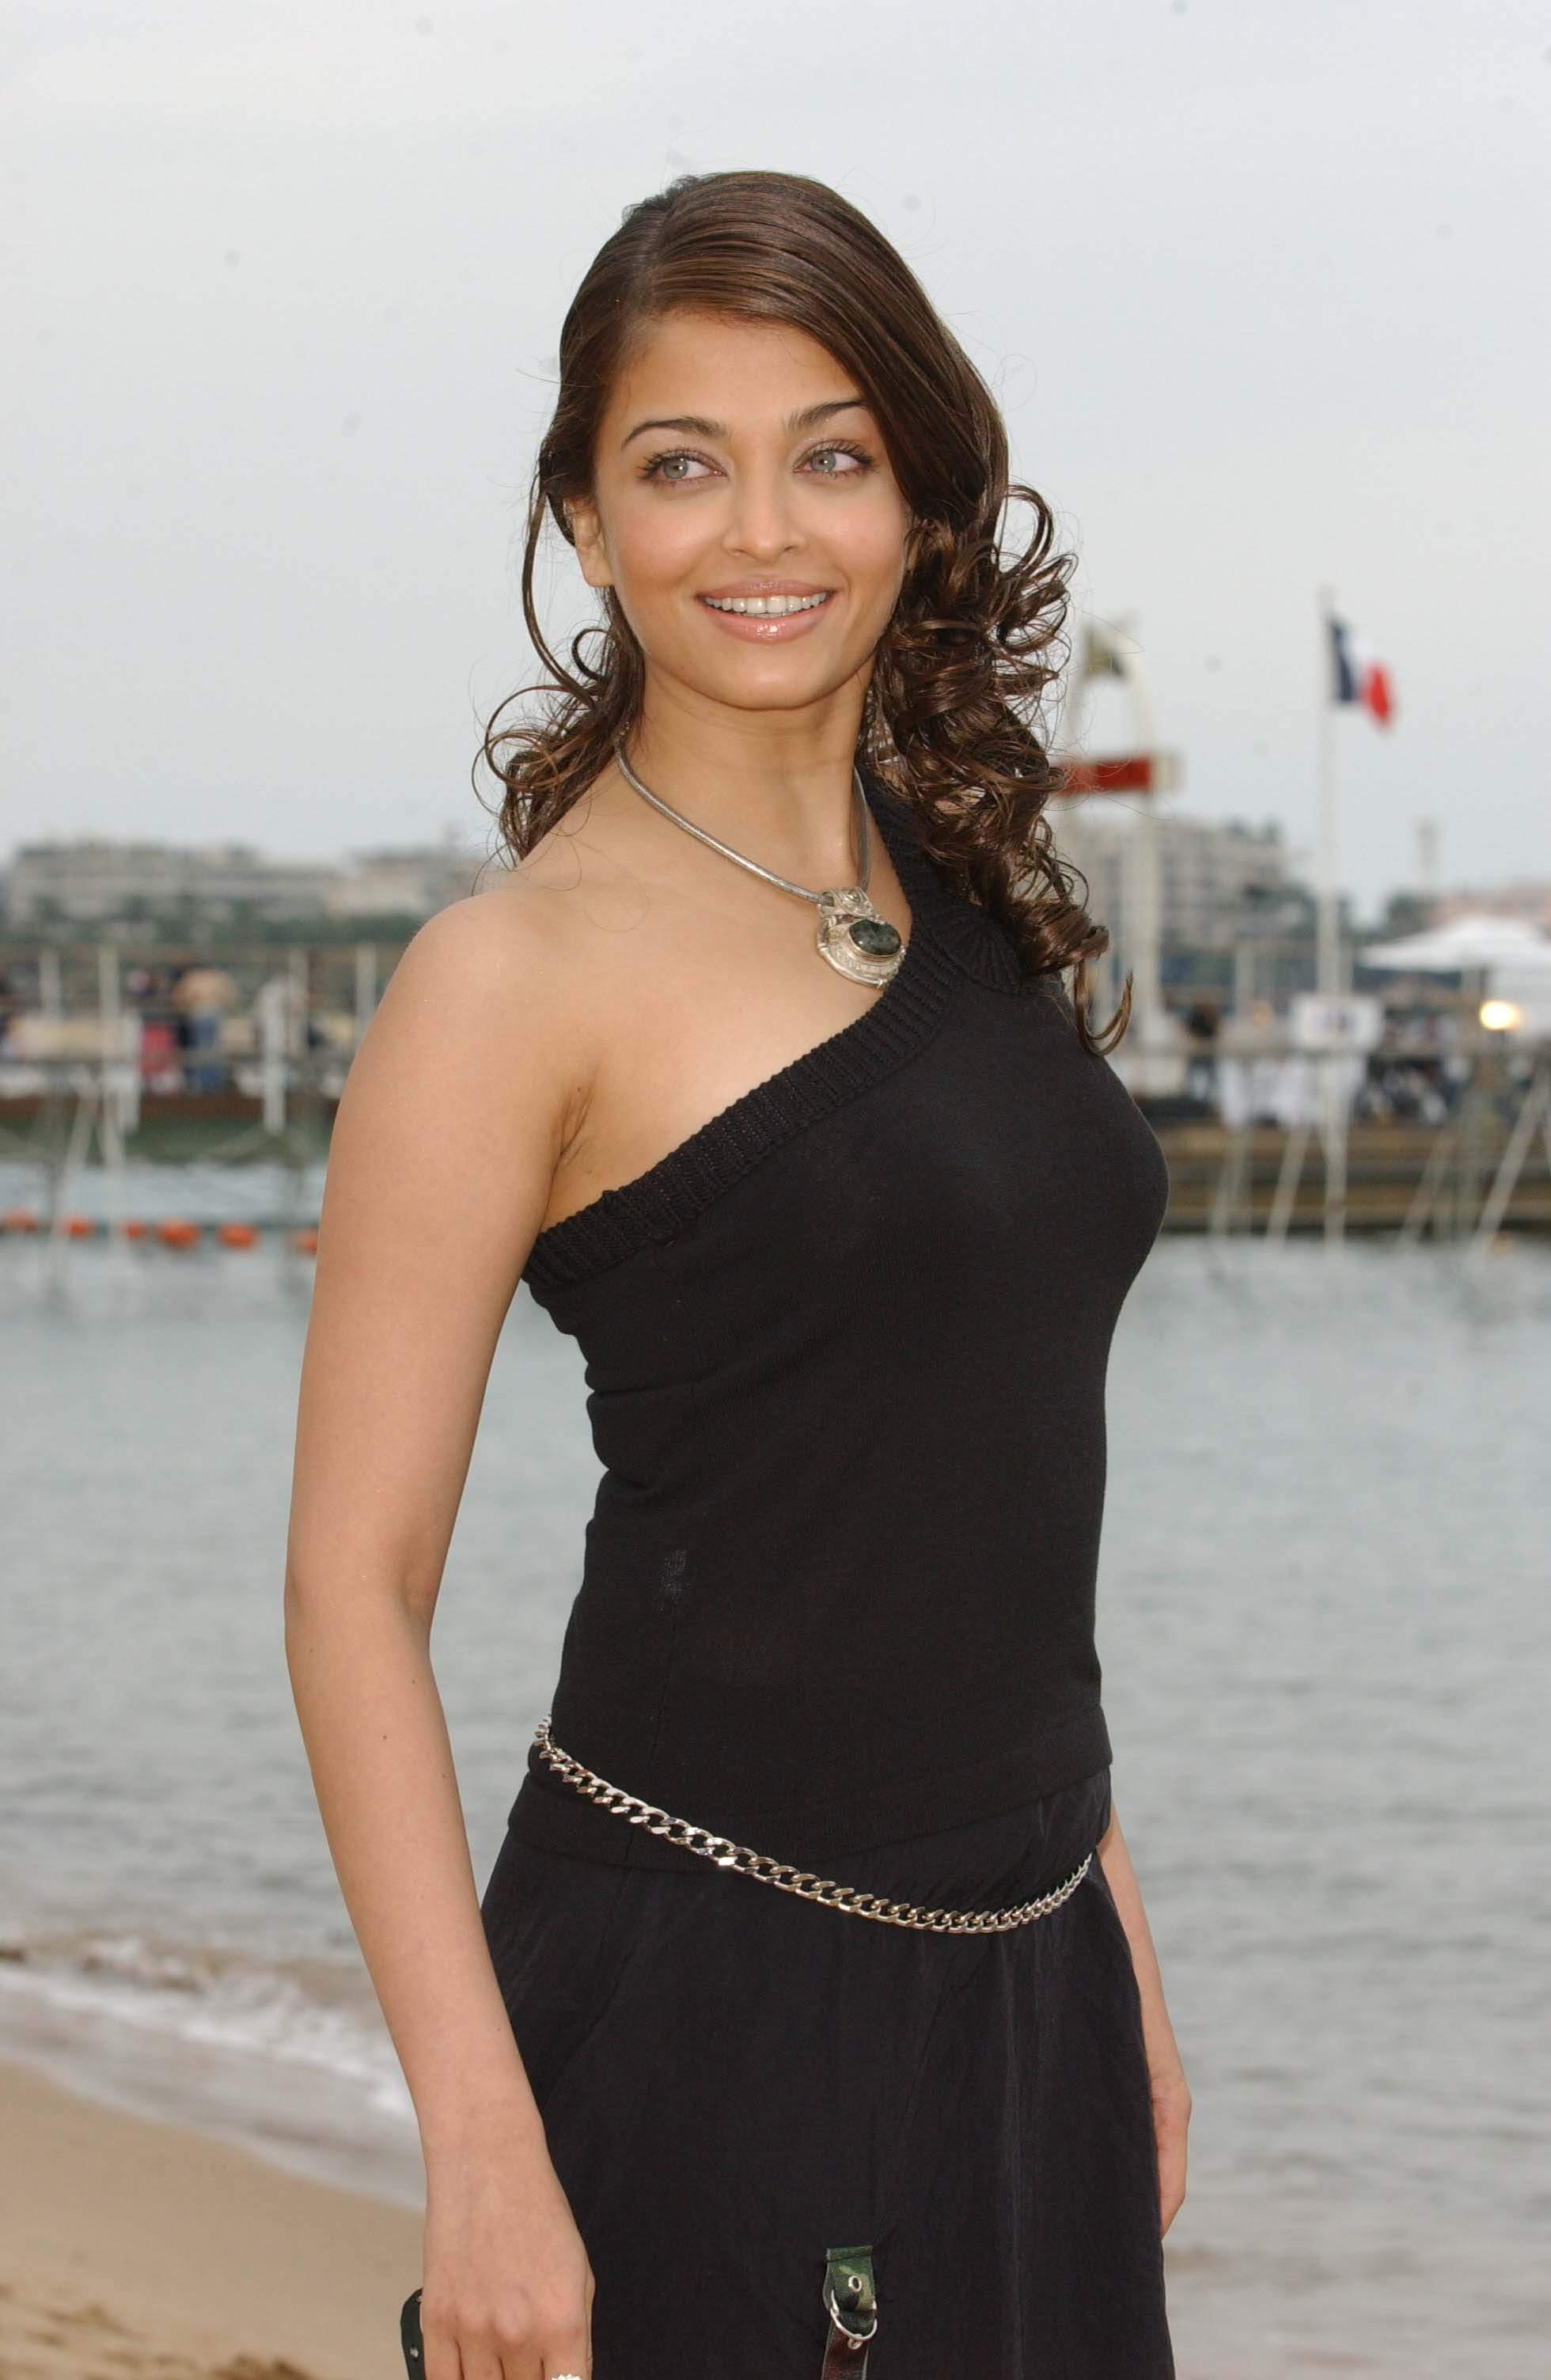 http://aishwarya-rai.narod.ru/photo/aishwarya-rai-photo-5.jpg